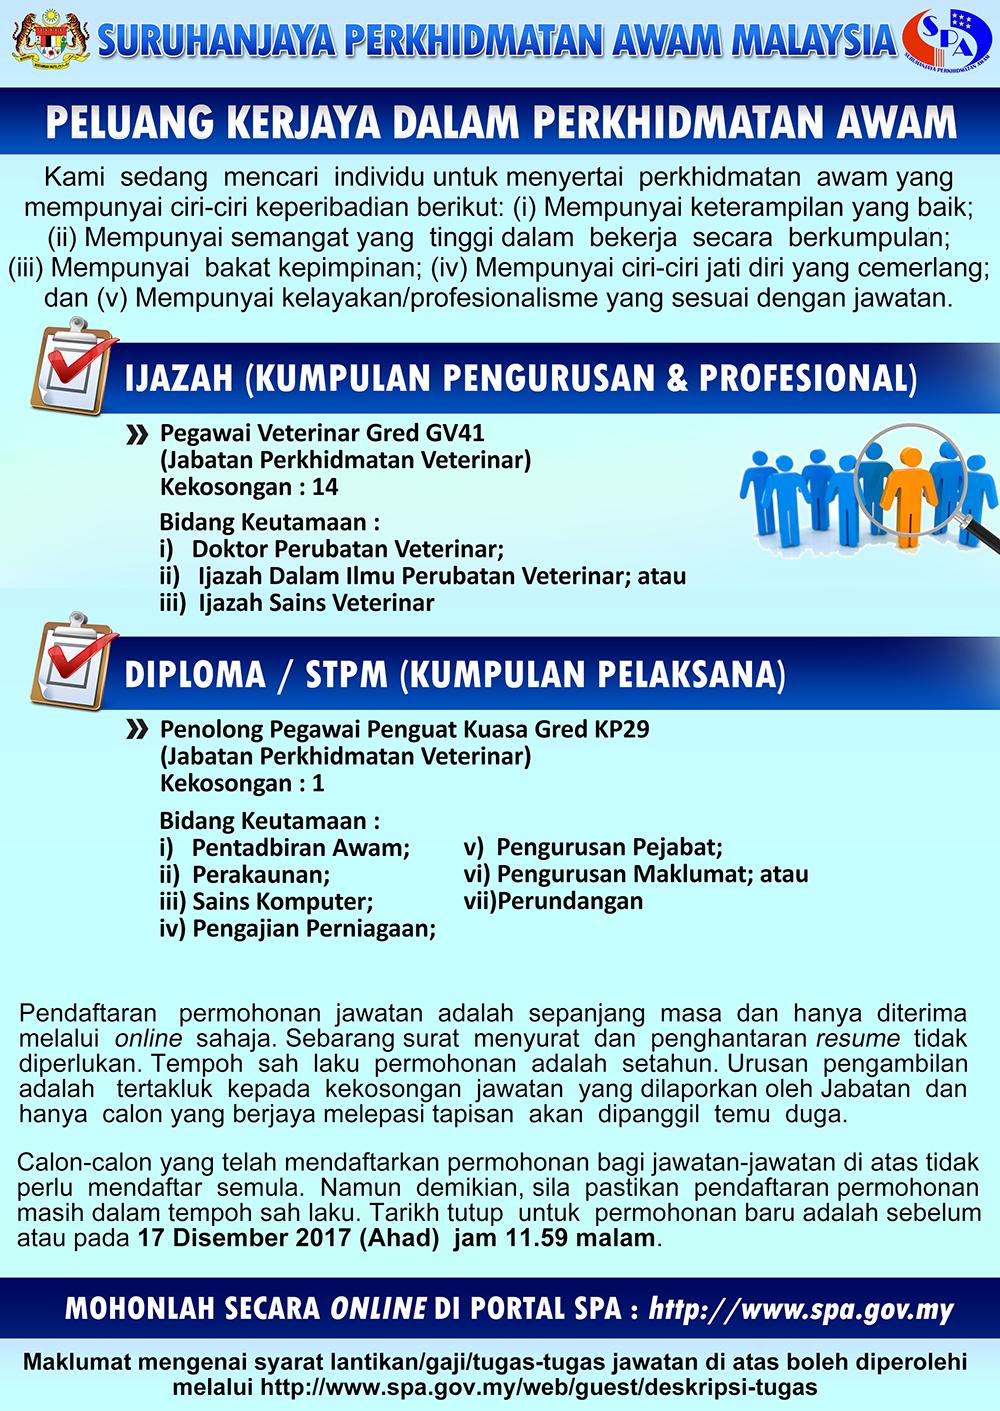 Jawatan Kosong Pegawai Veterinar Gv41 Penolong Pegawai Penguat Kuasa Gred Kp29